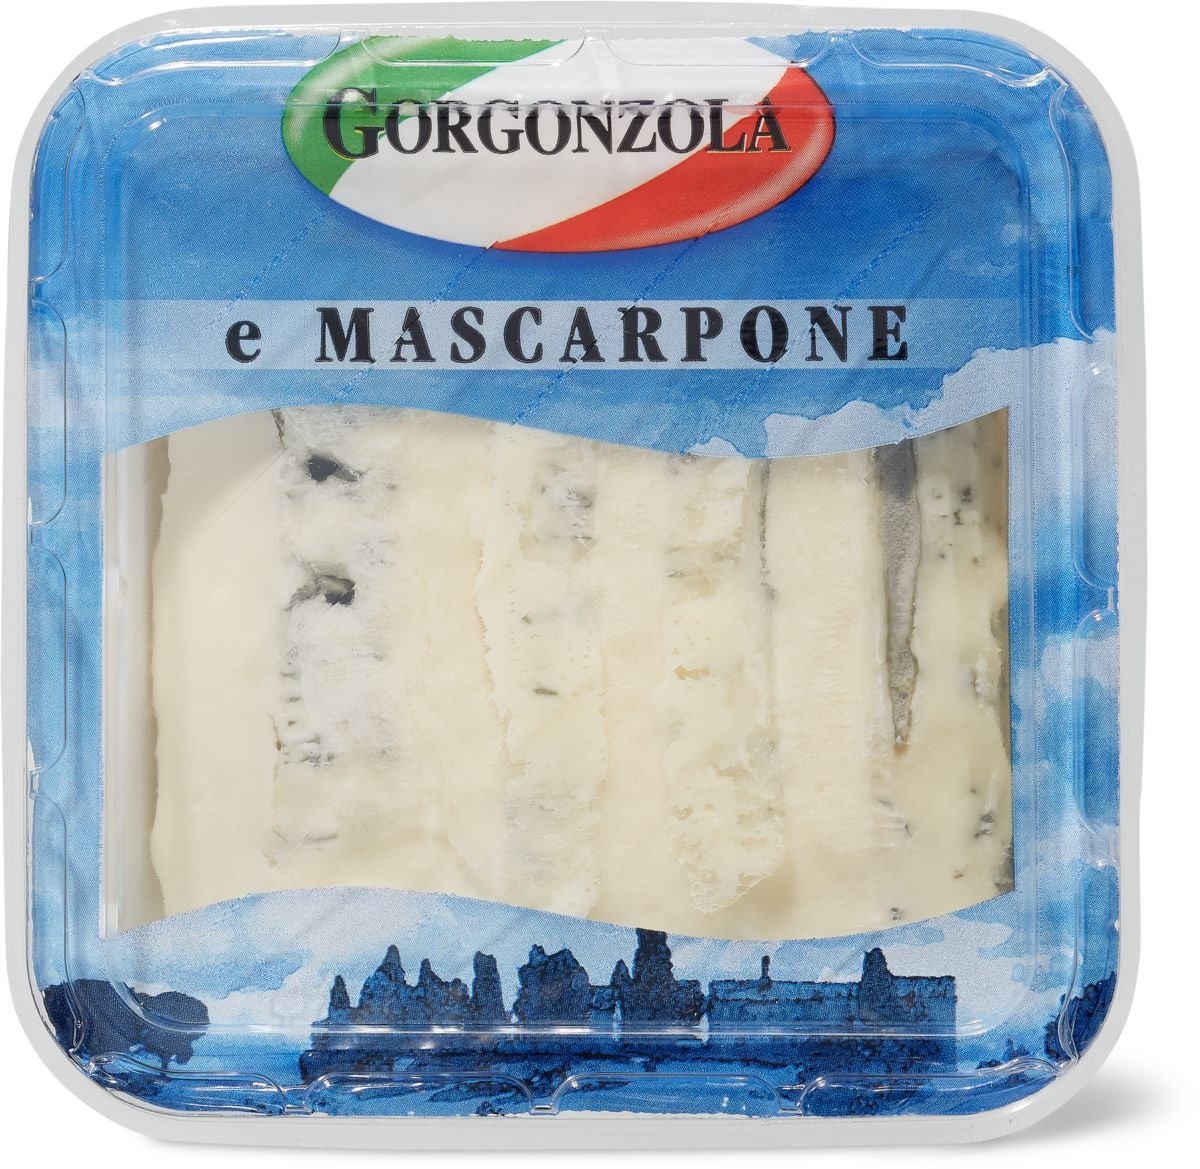 Gorgonzola Mit Mascarpone